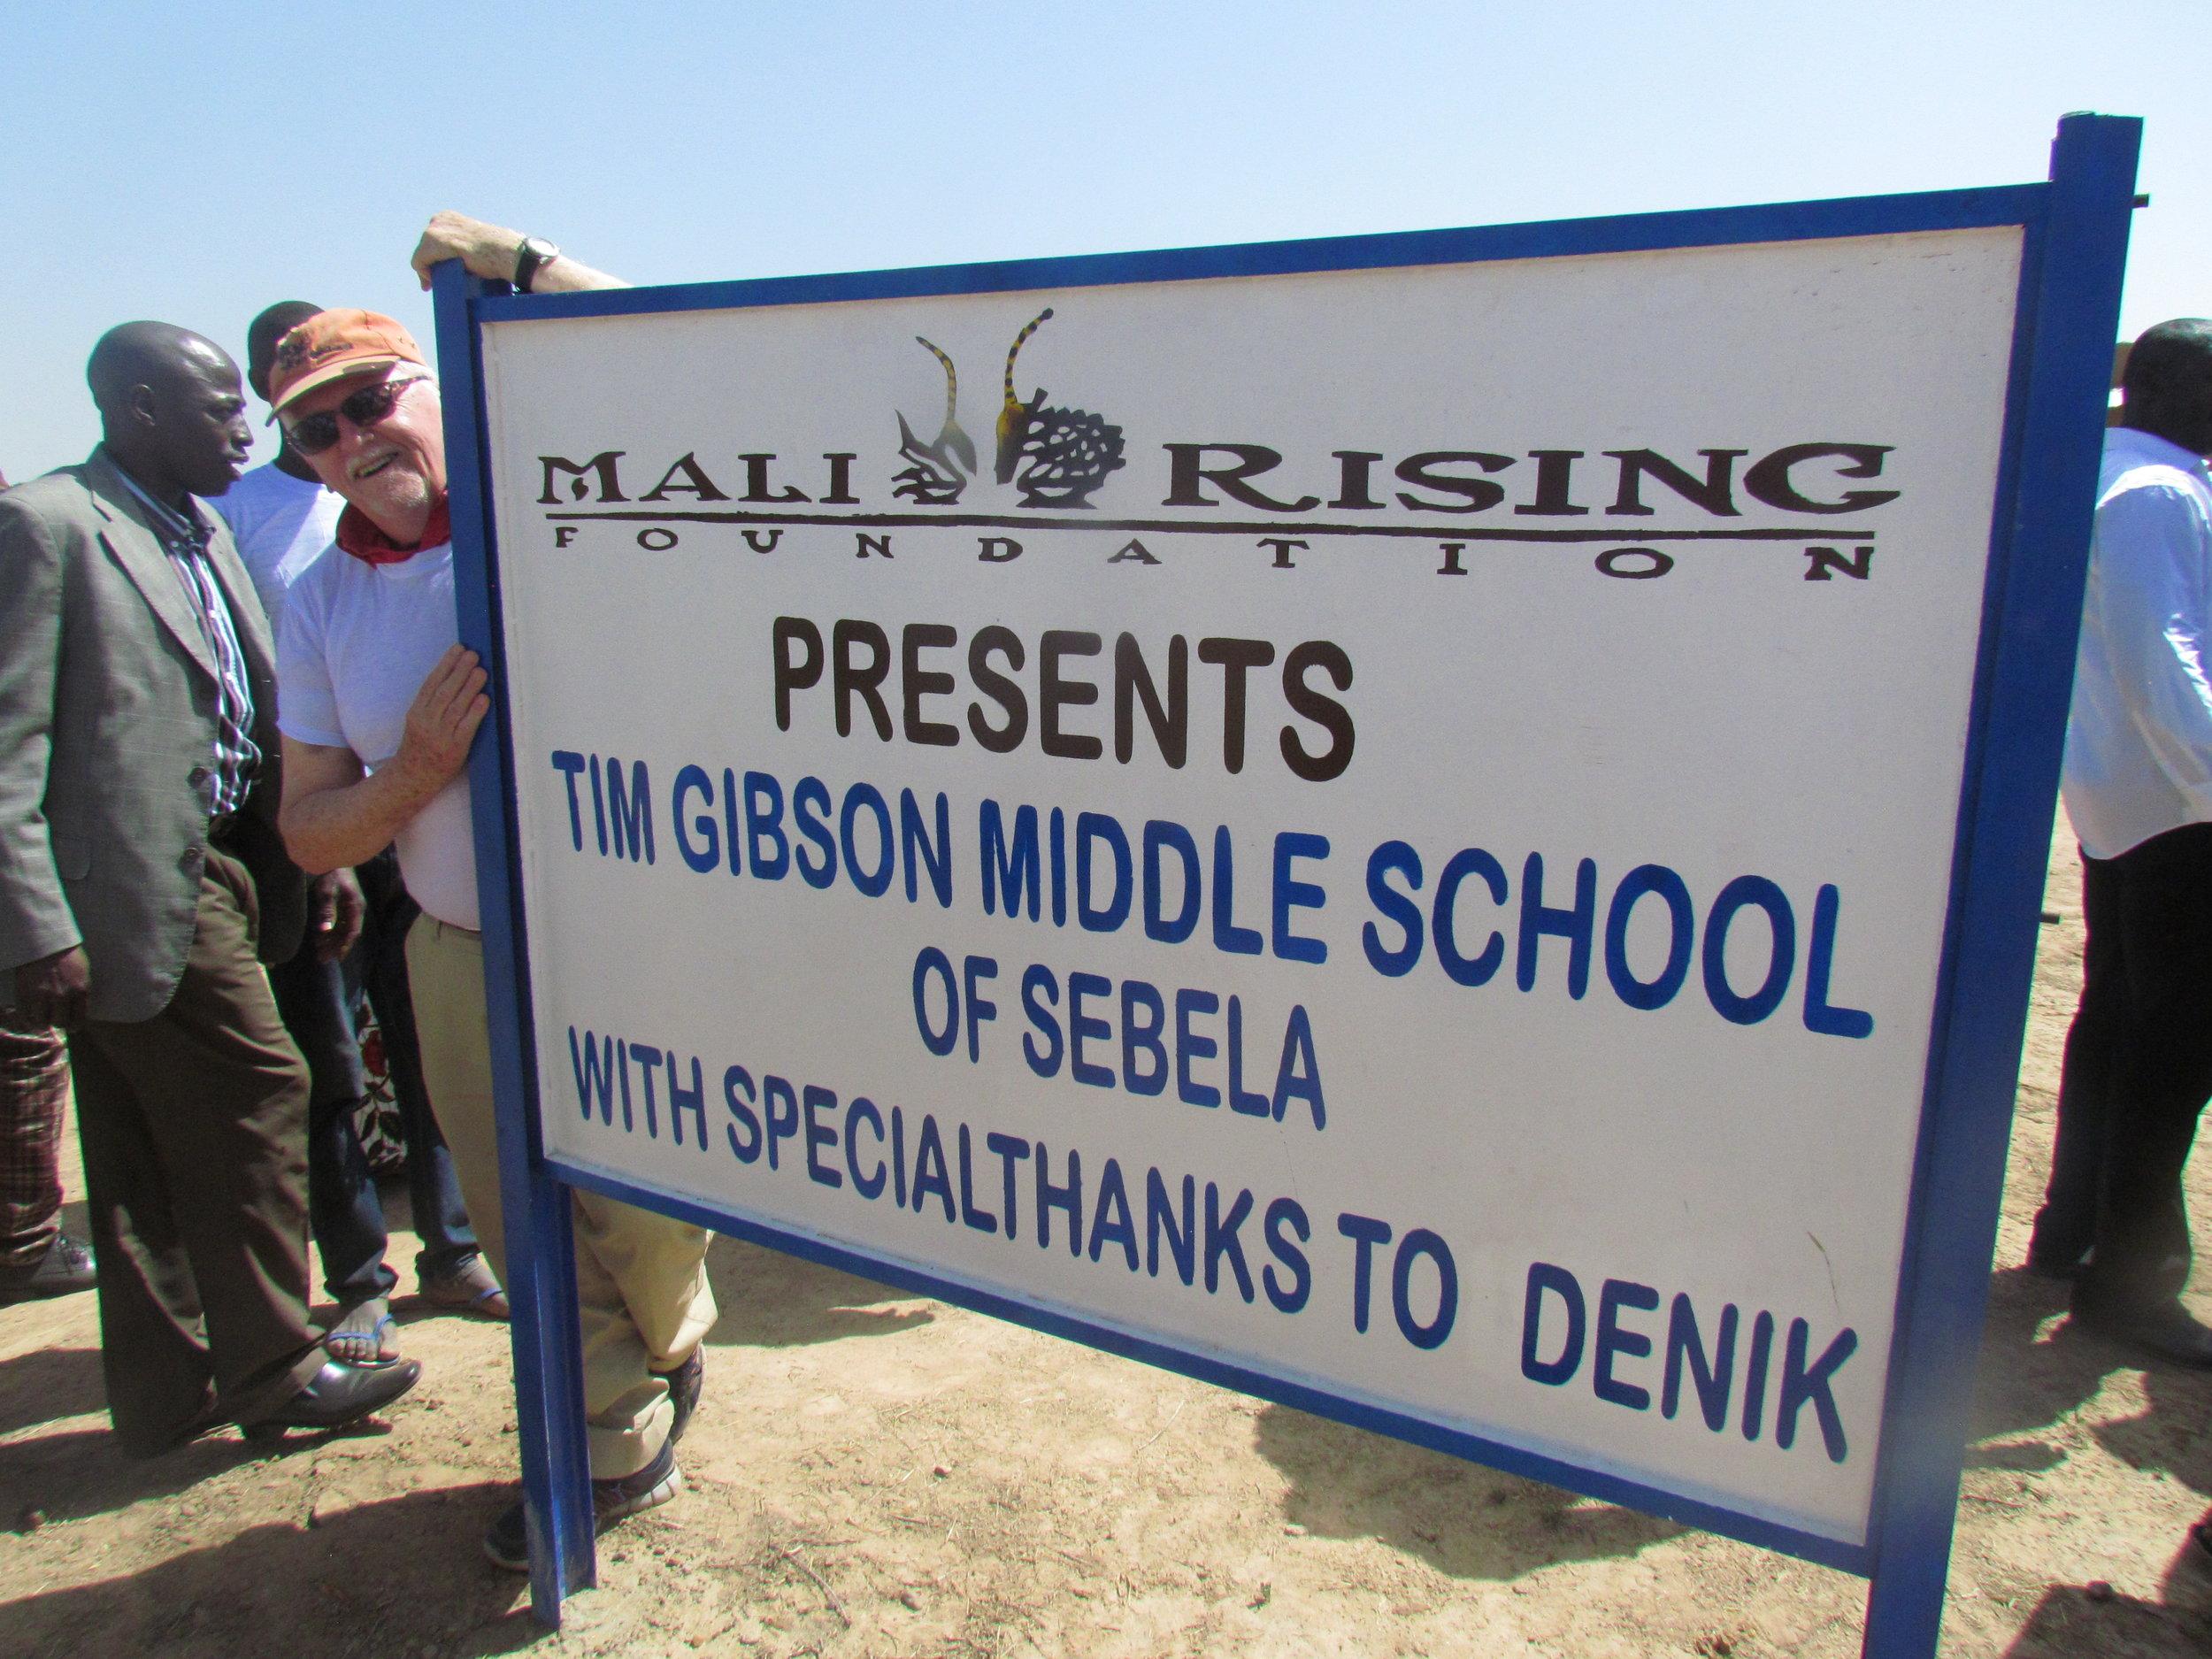 Tim Gibson Middle School   Sebela, 2017